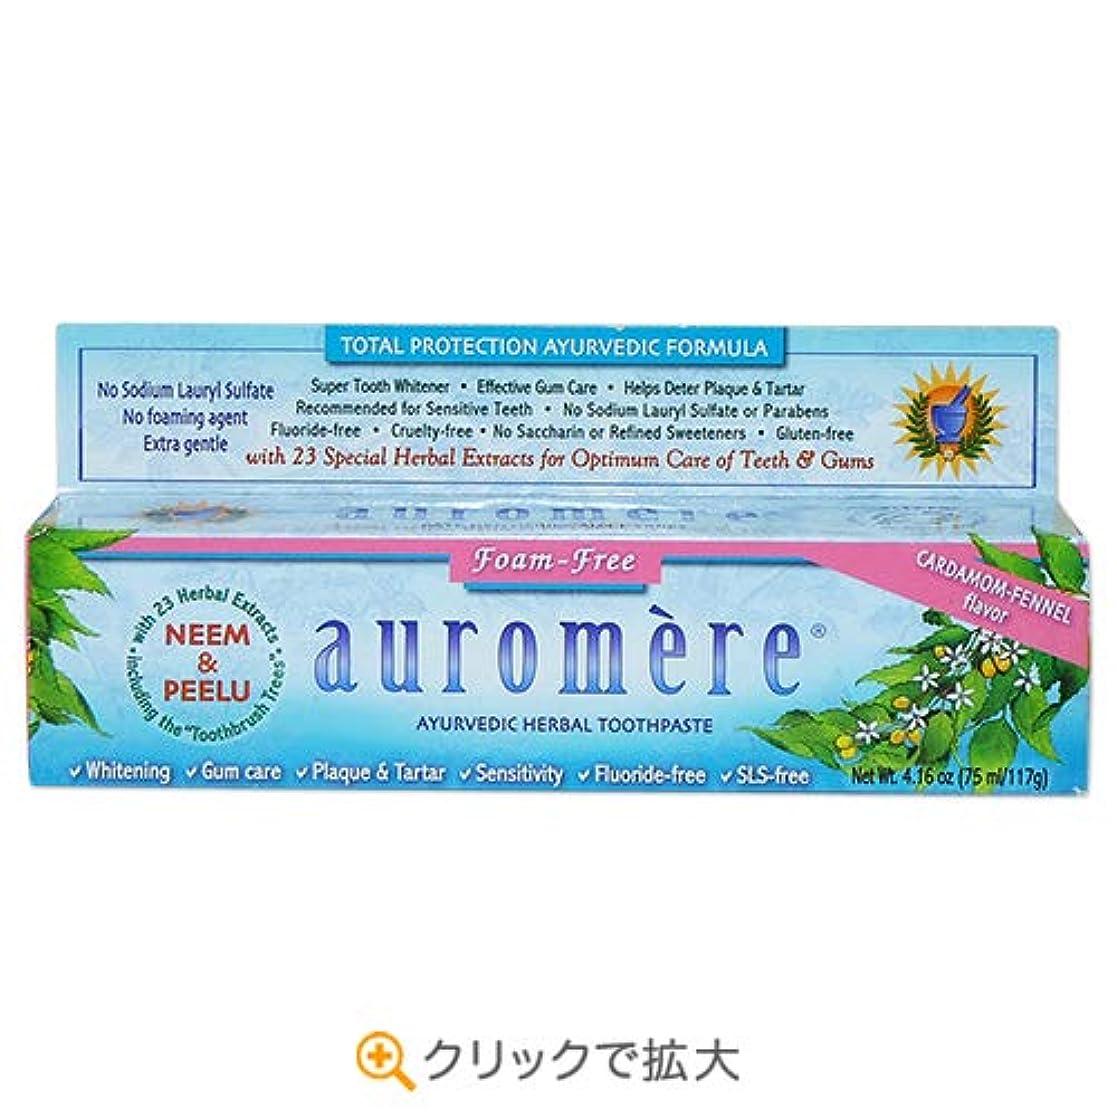 くま早める意見3個セット オーロメア アーユルヴェーダ ハーバル歯磨き粉 フォームフリー 117g[海外直送品]